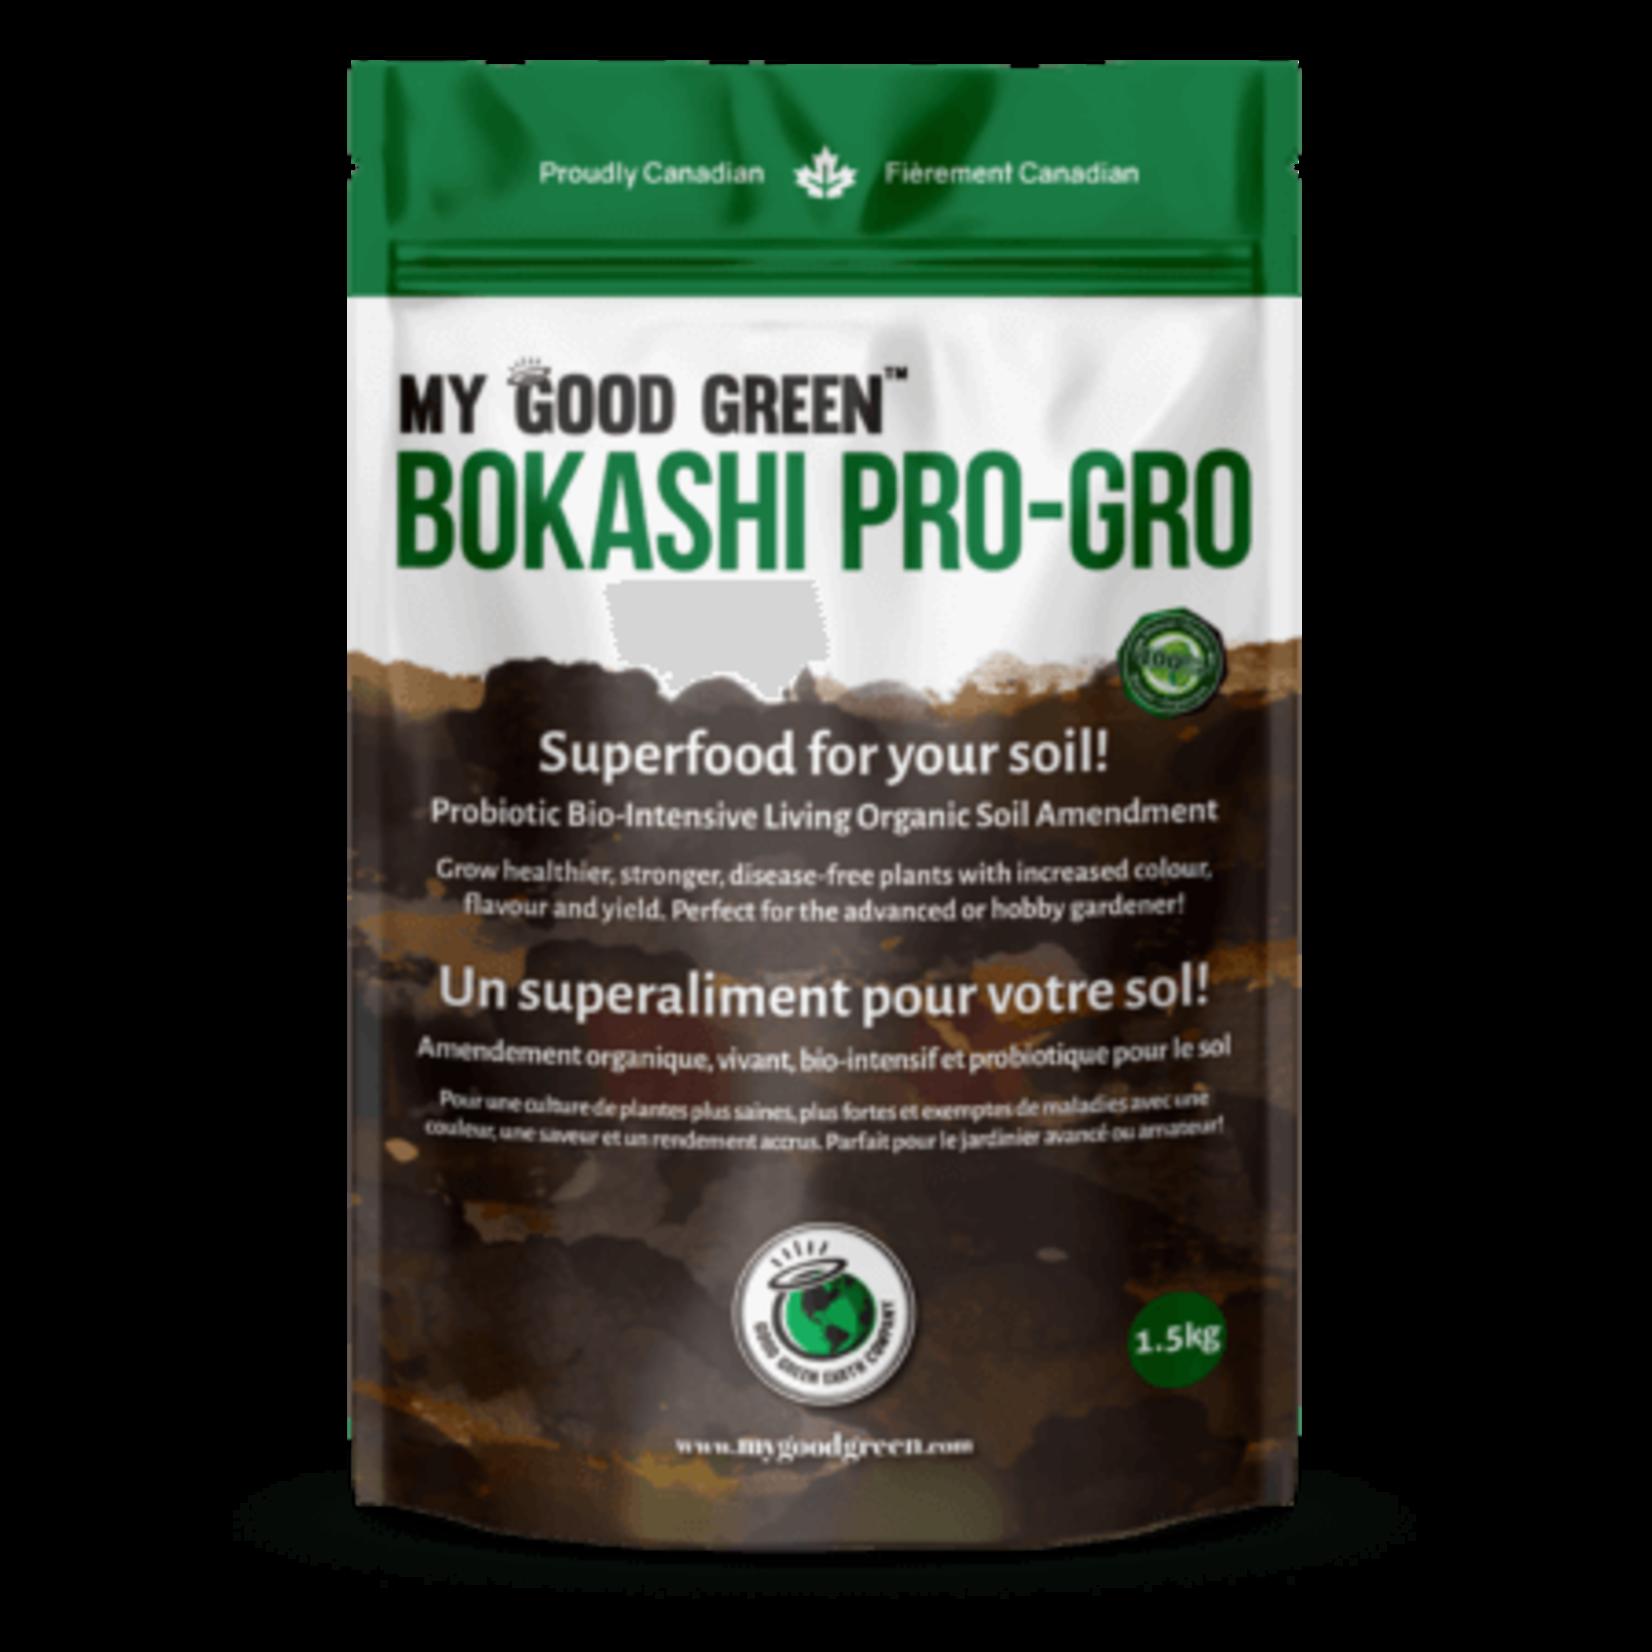 BOKASHI PRO GRO 1.5 KG